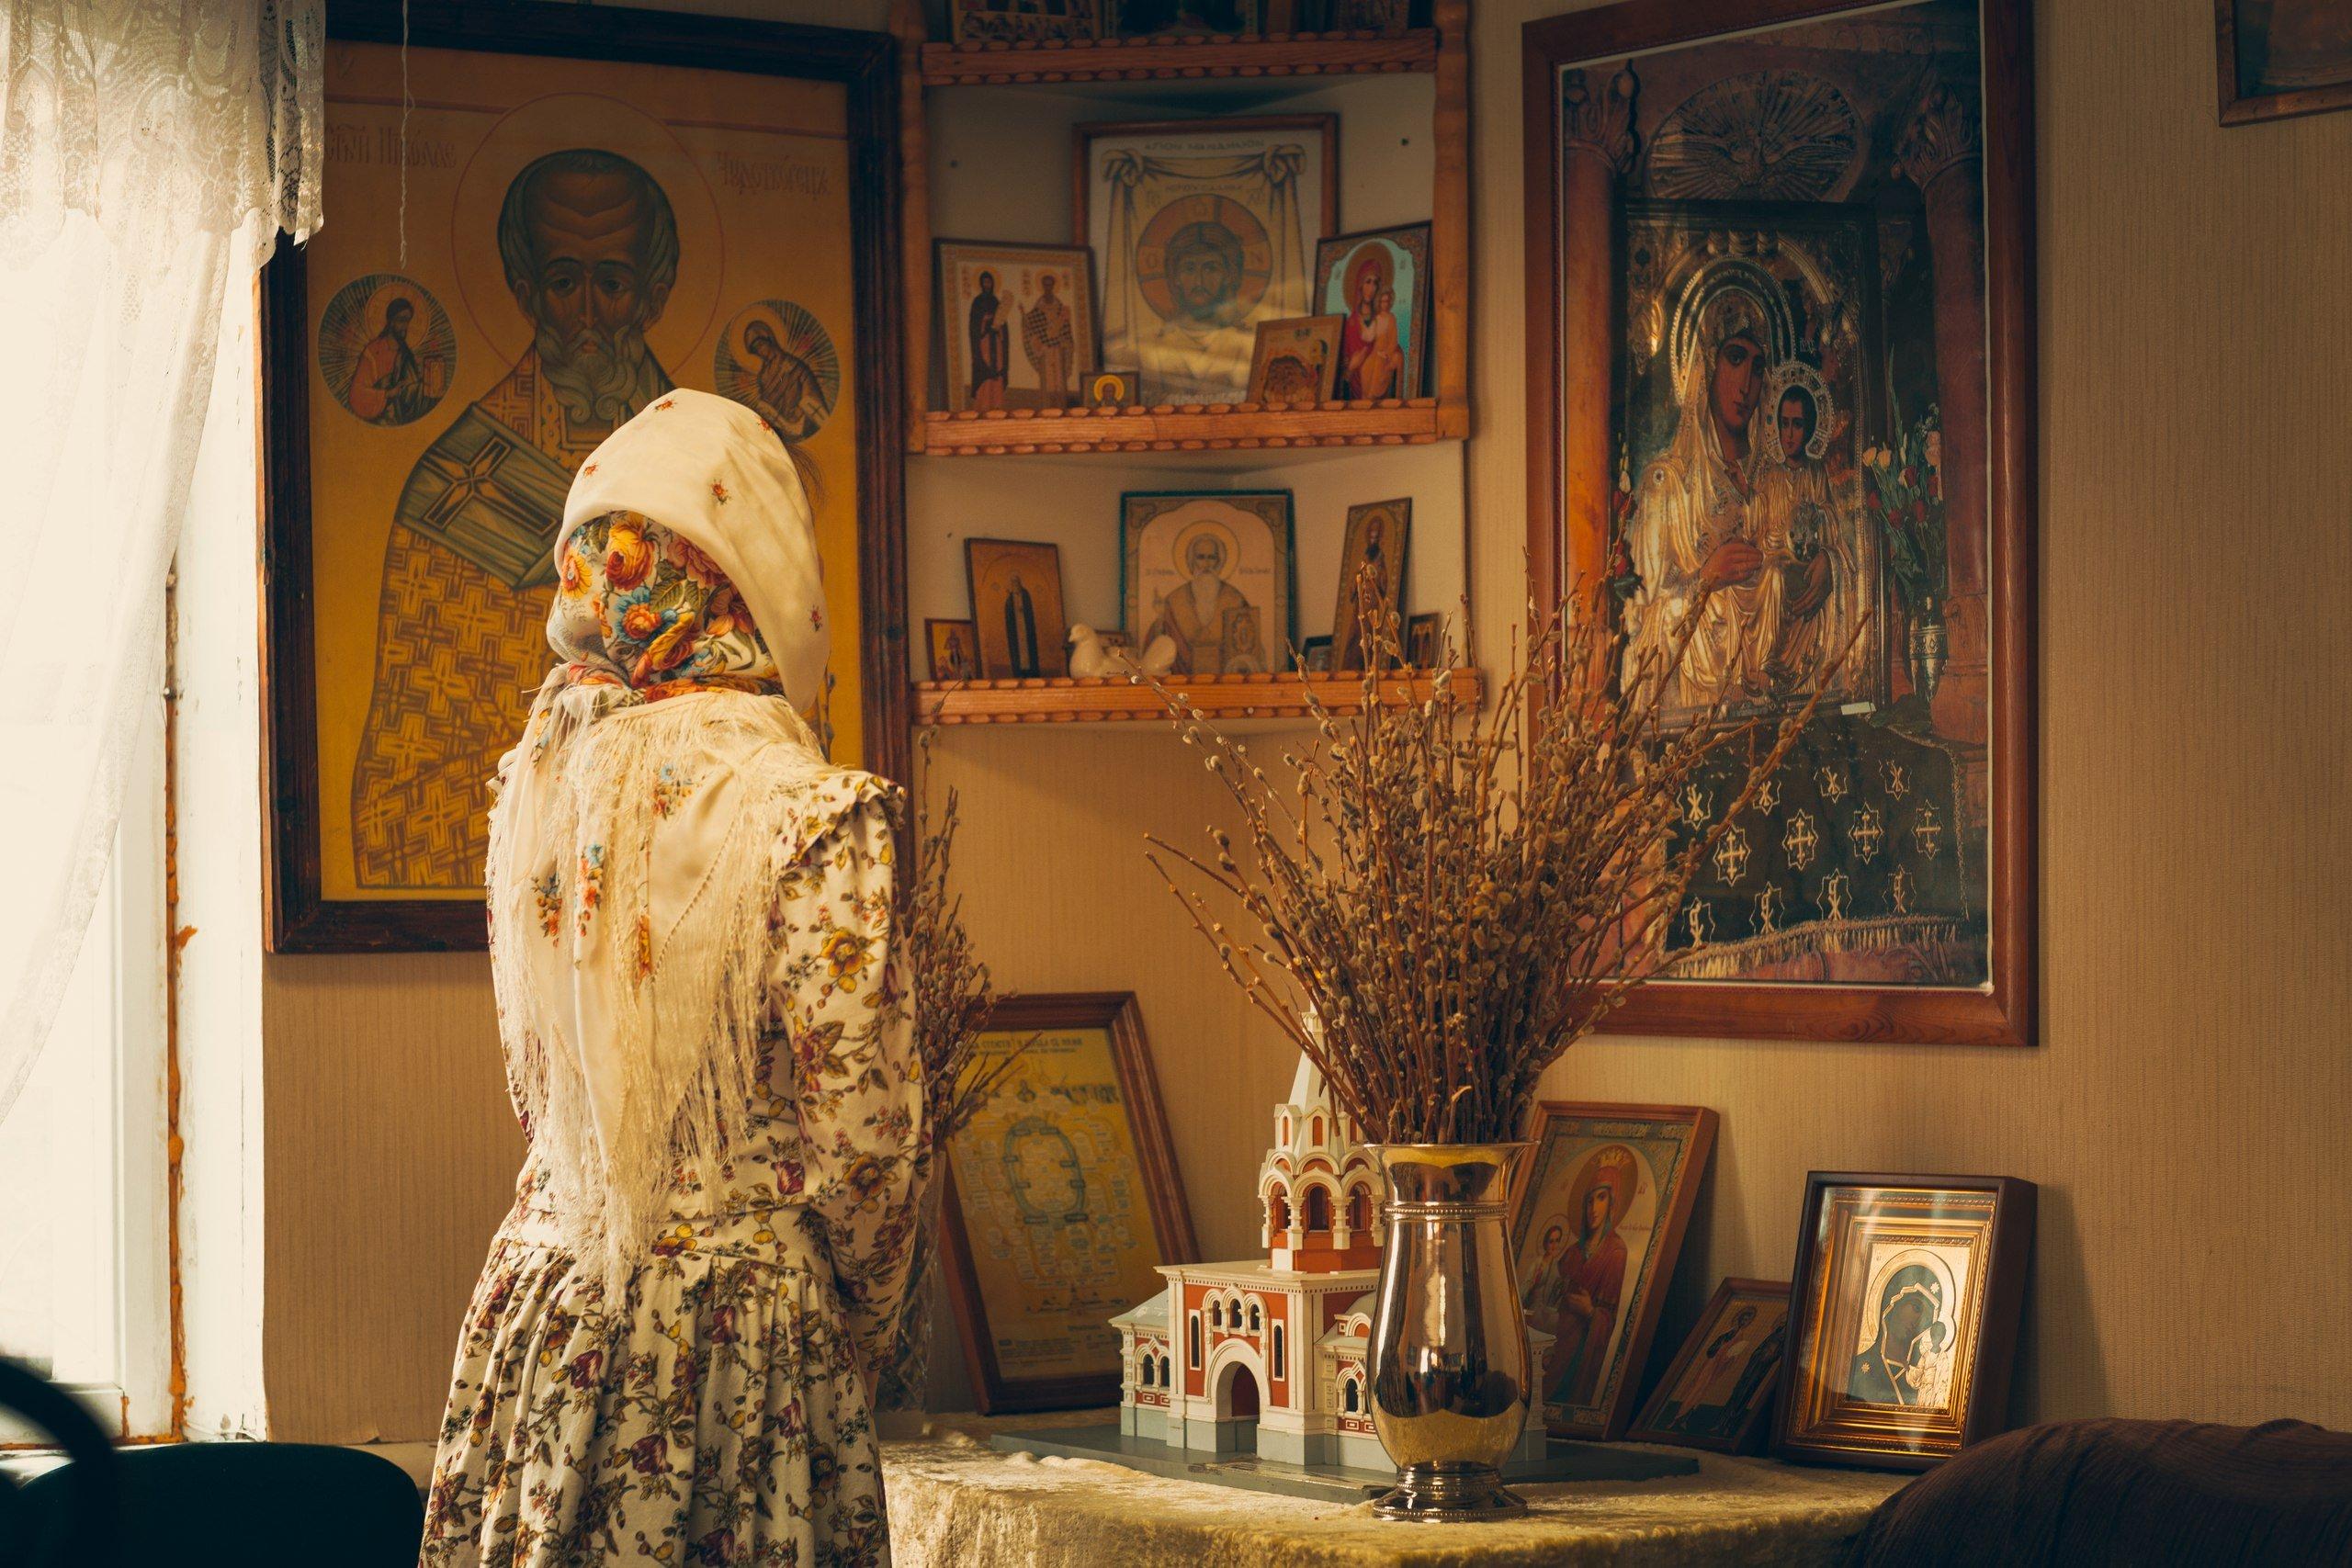 Приворот в церкви на икону